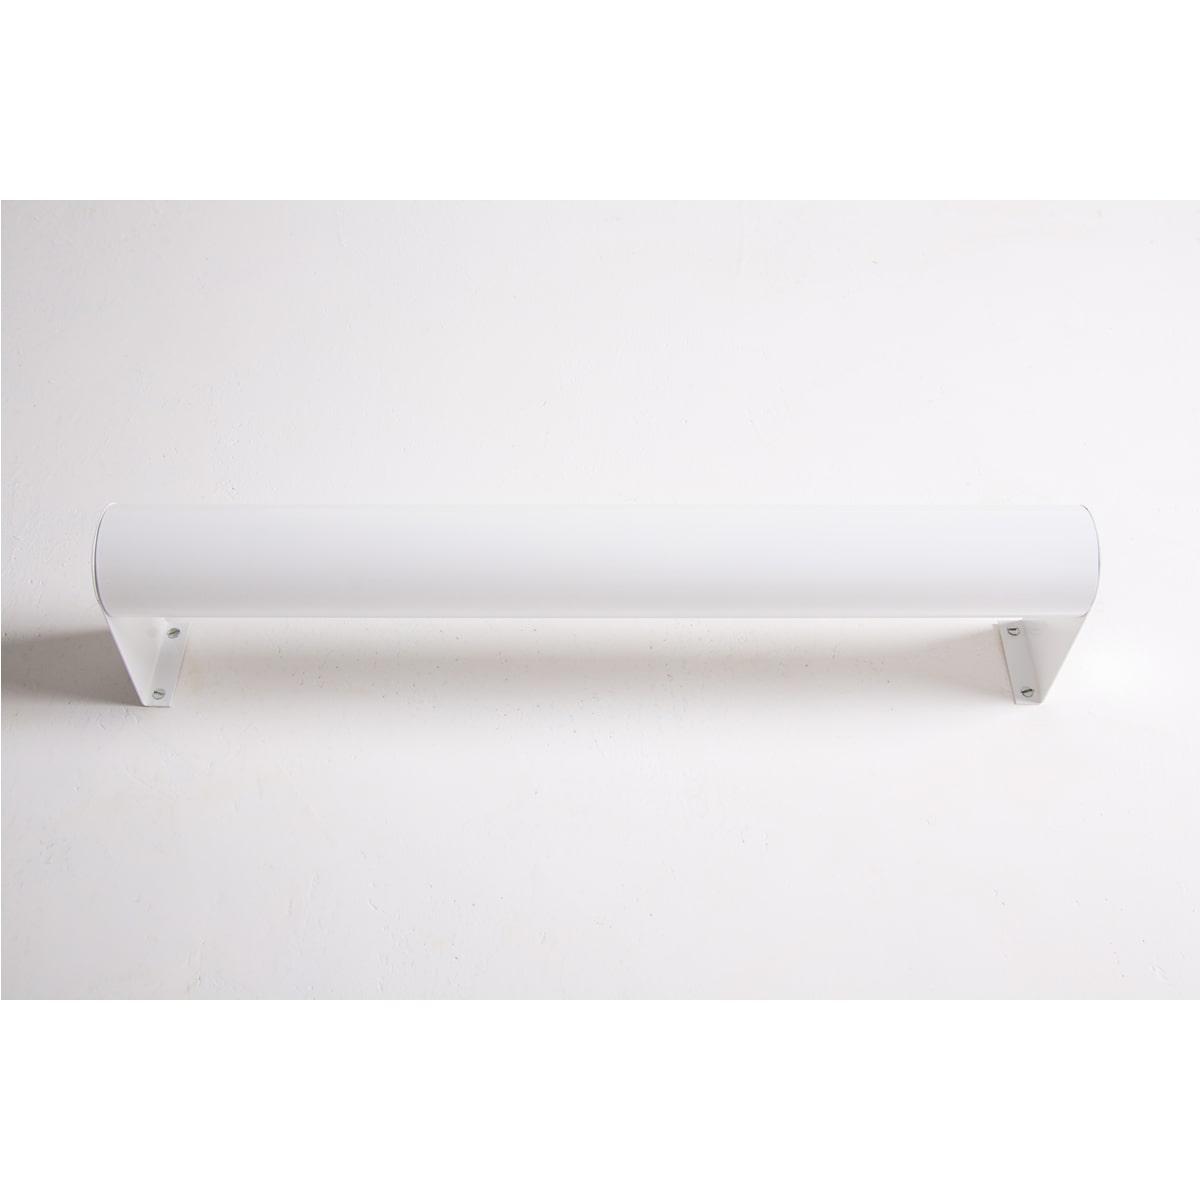 Suporte para Aventais tipo Toalheiro - 64cm X 18cm X 7,5Ø